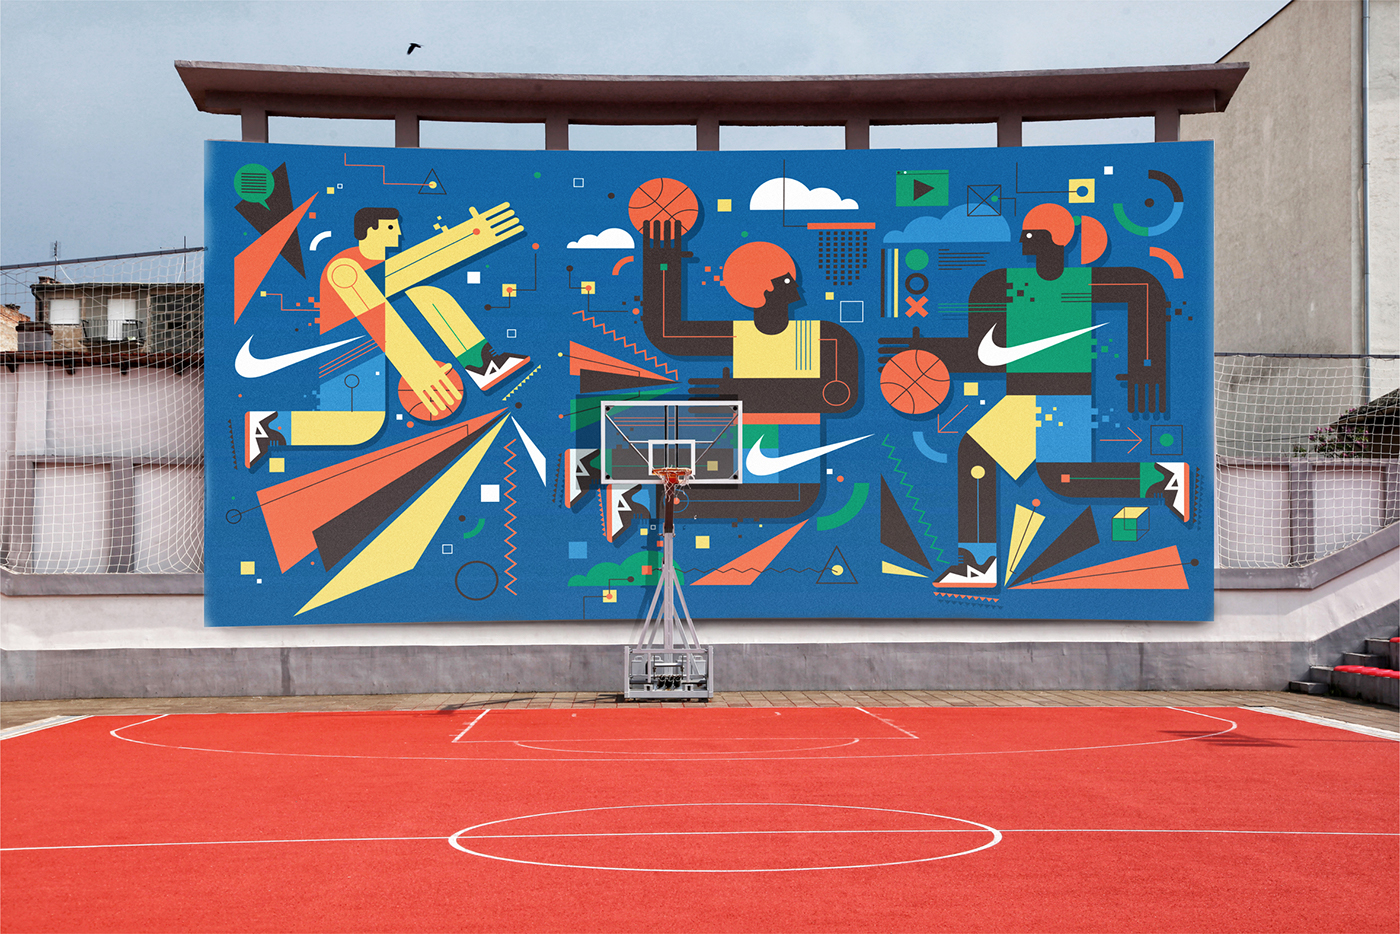 Neil stevens 39 colorfull murals for nike in barcelona for Basketball mural